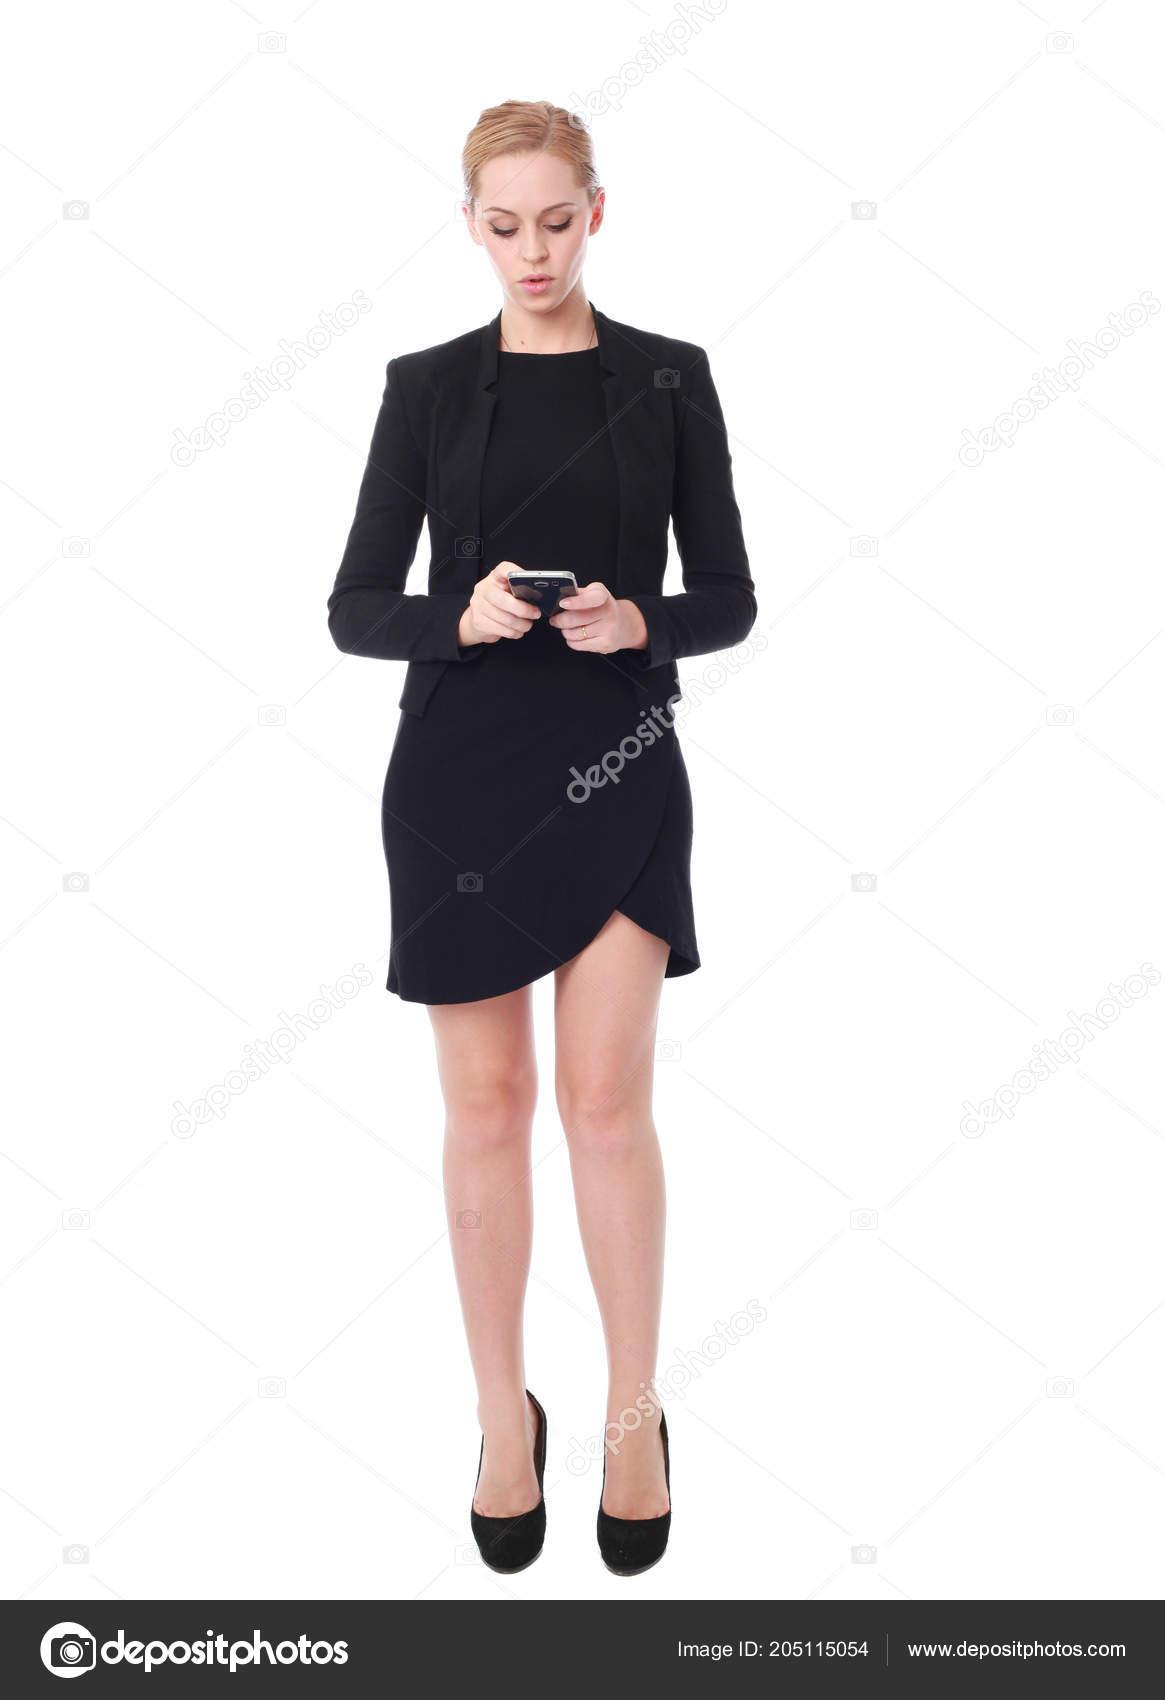 eae0f8c9cac In voller Länge Portrait eine attraktive berufliche Frau trug Schwarzes  Kleid